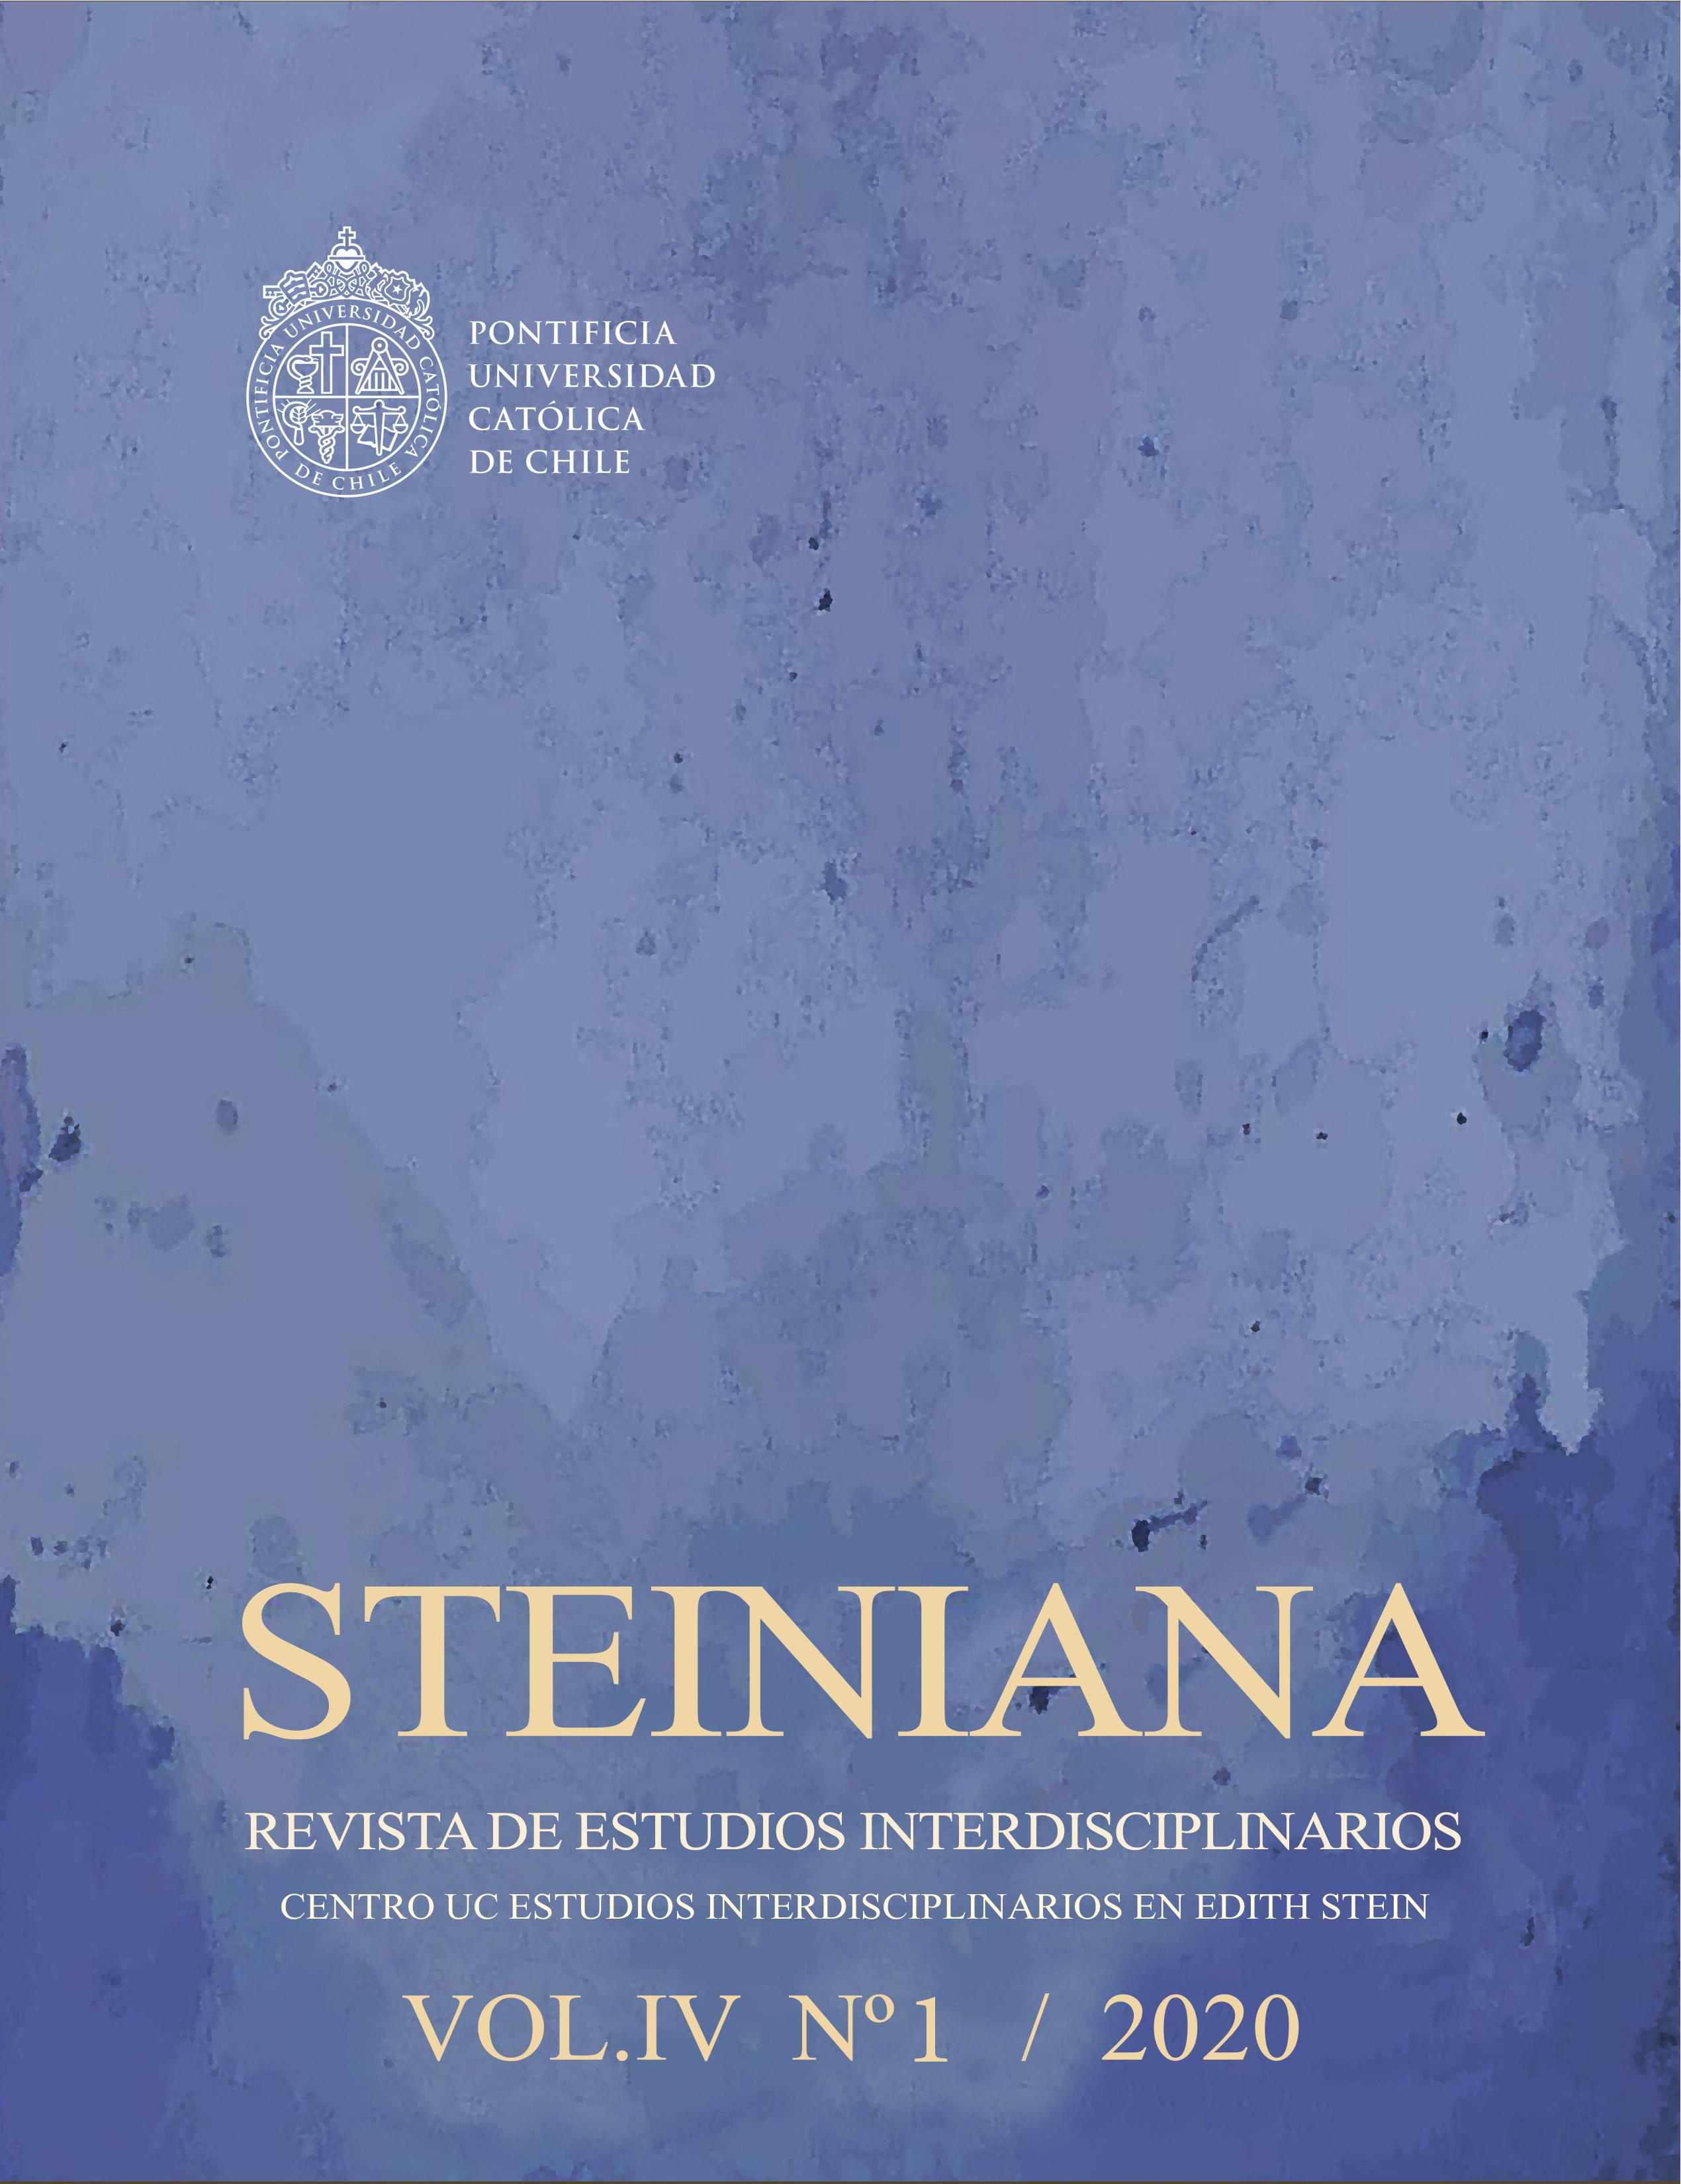 Portada Revista Steinana 2020